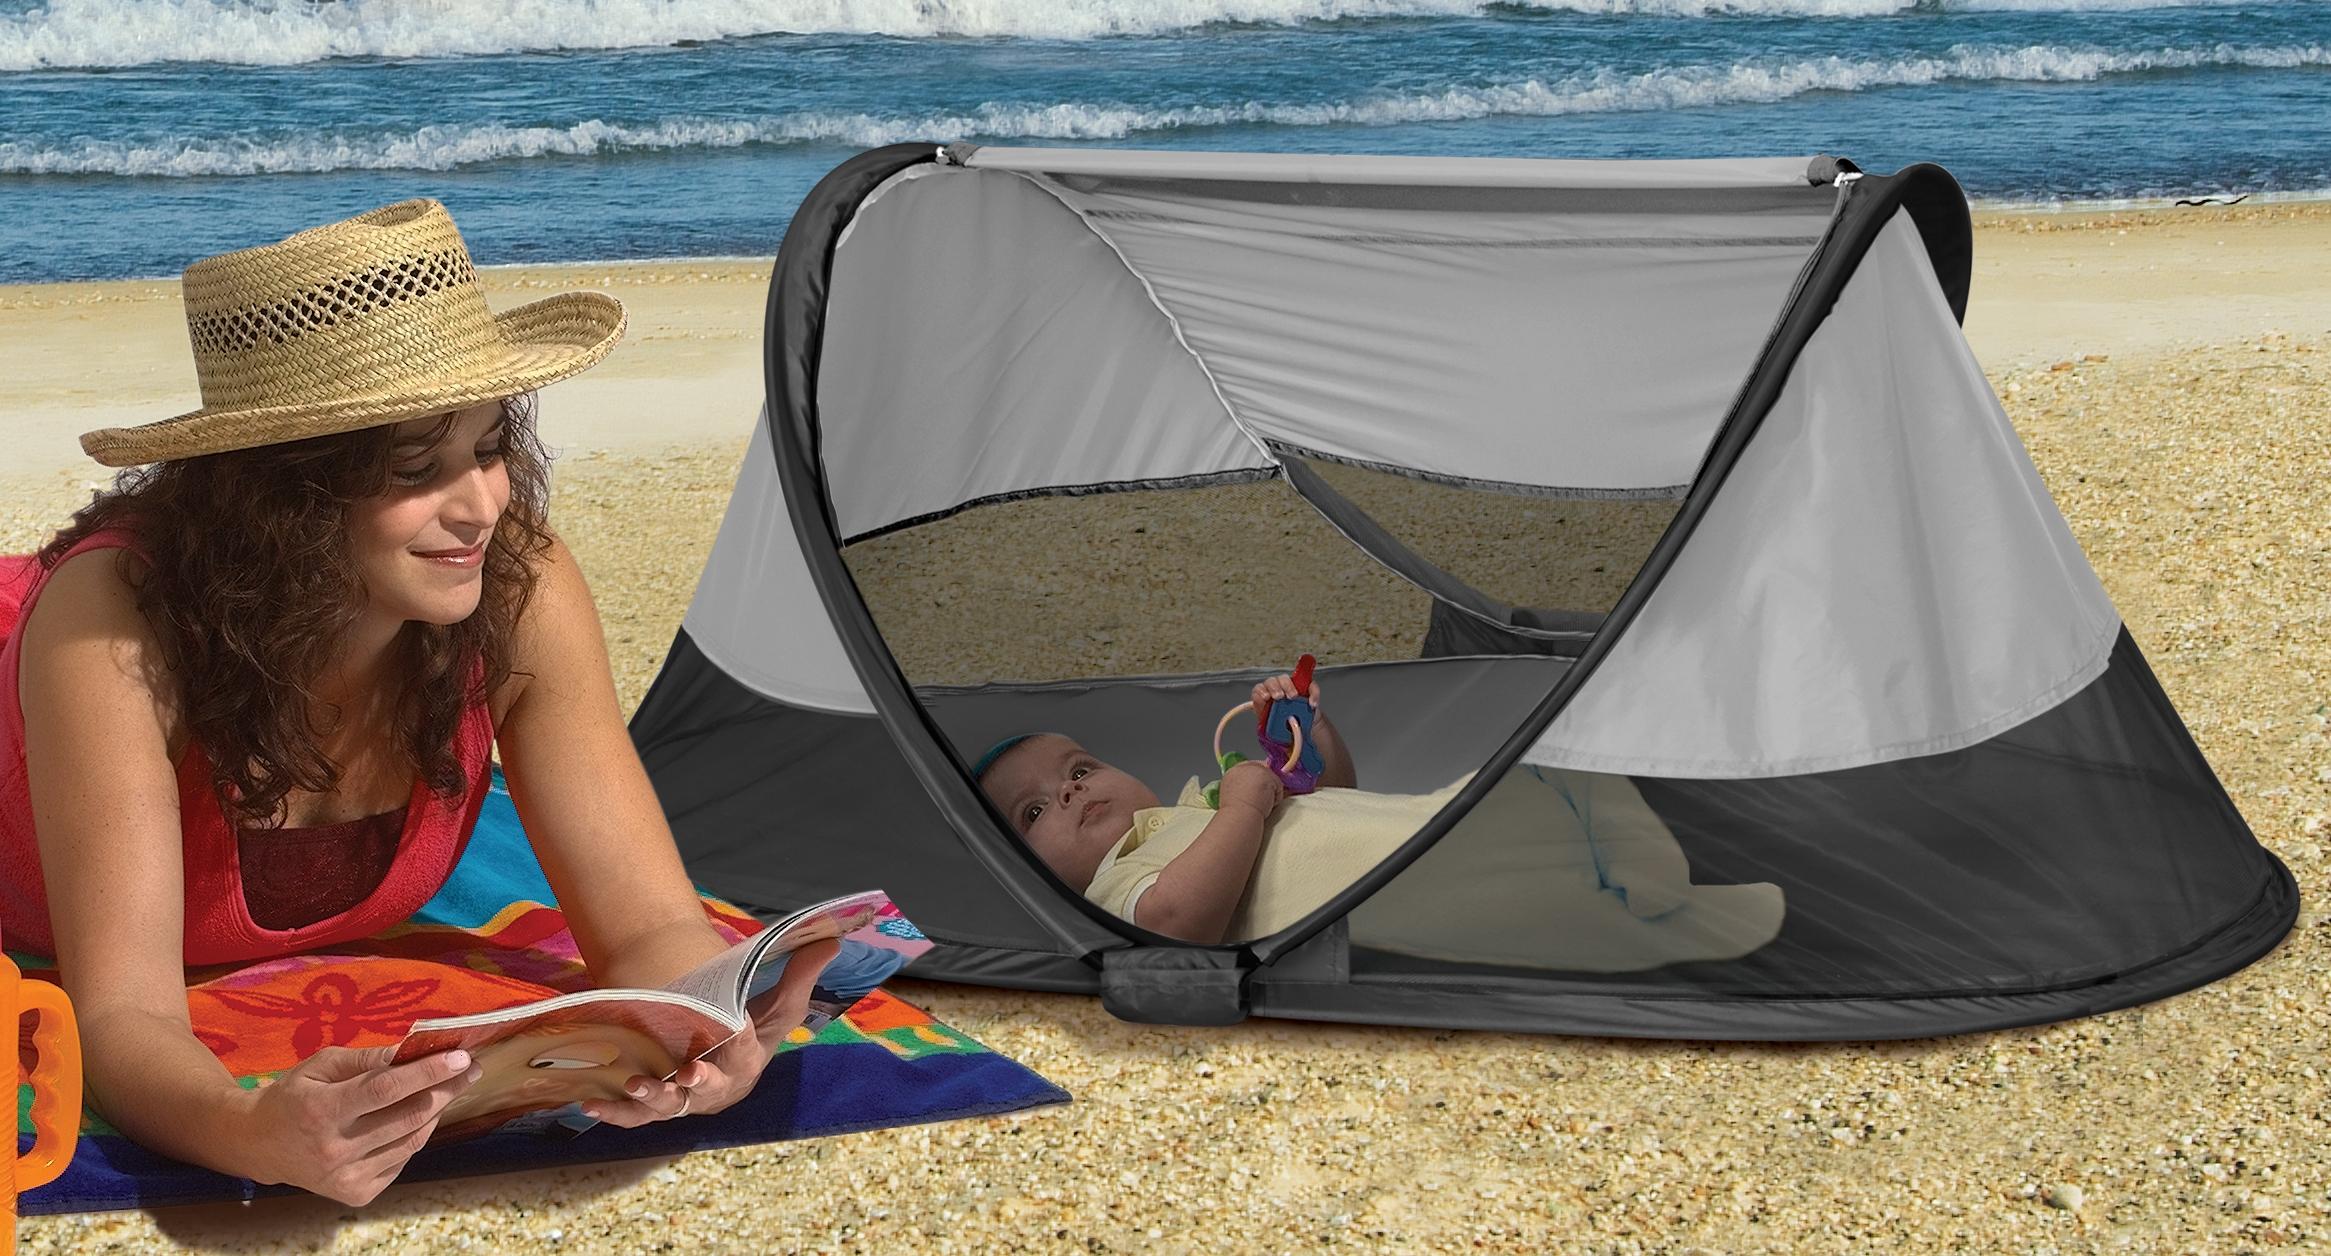 KidCo PeaPod  sc 1 st  Amazon.com & Amazon.com : KidCo P3012 PeaPod Infant Travel Bed Midnight : Baby